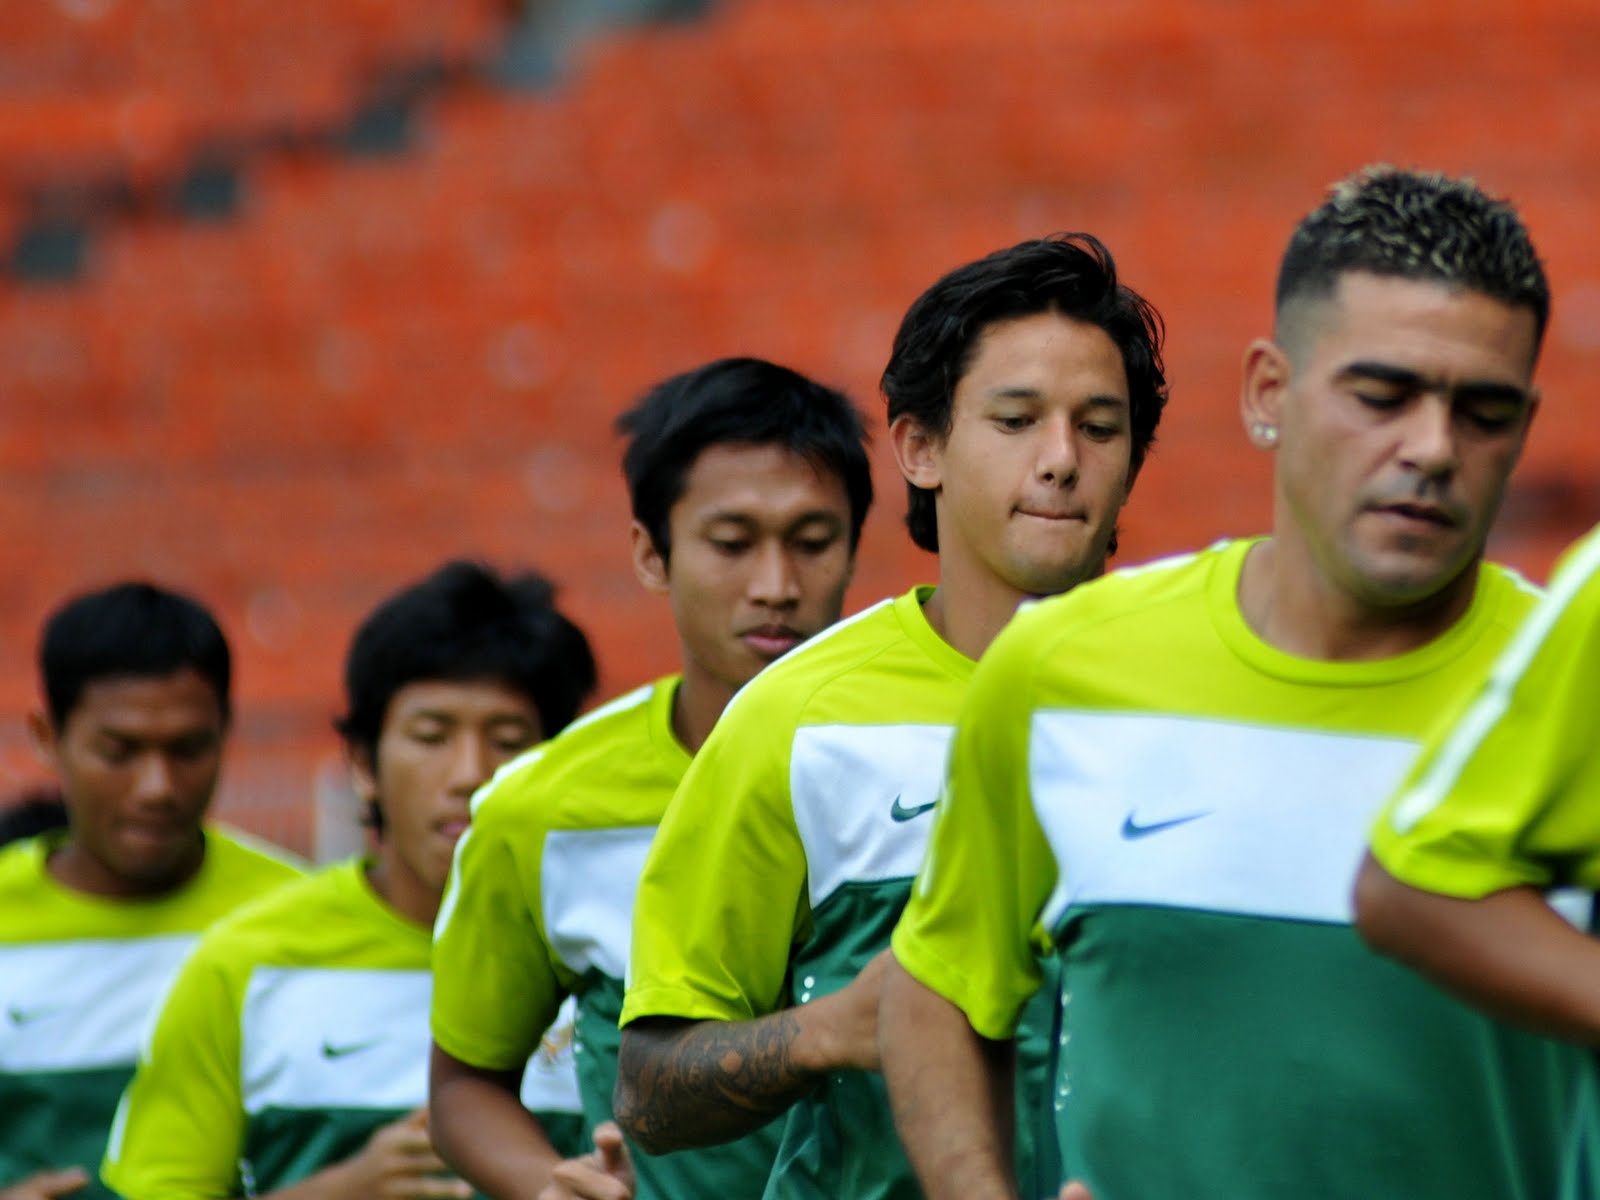 Jadwal Pertandingan Pra Piala Dunia 2014 Indonesia   Lengkap